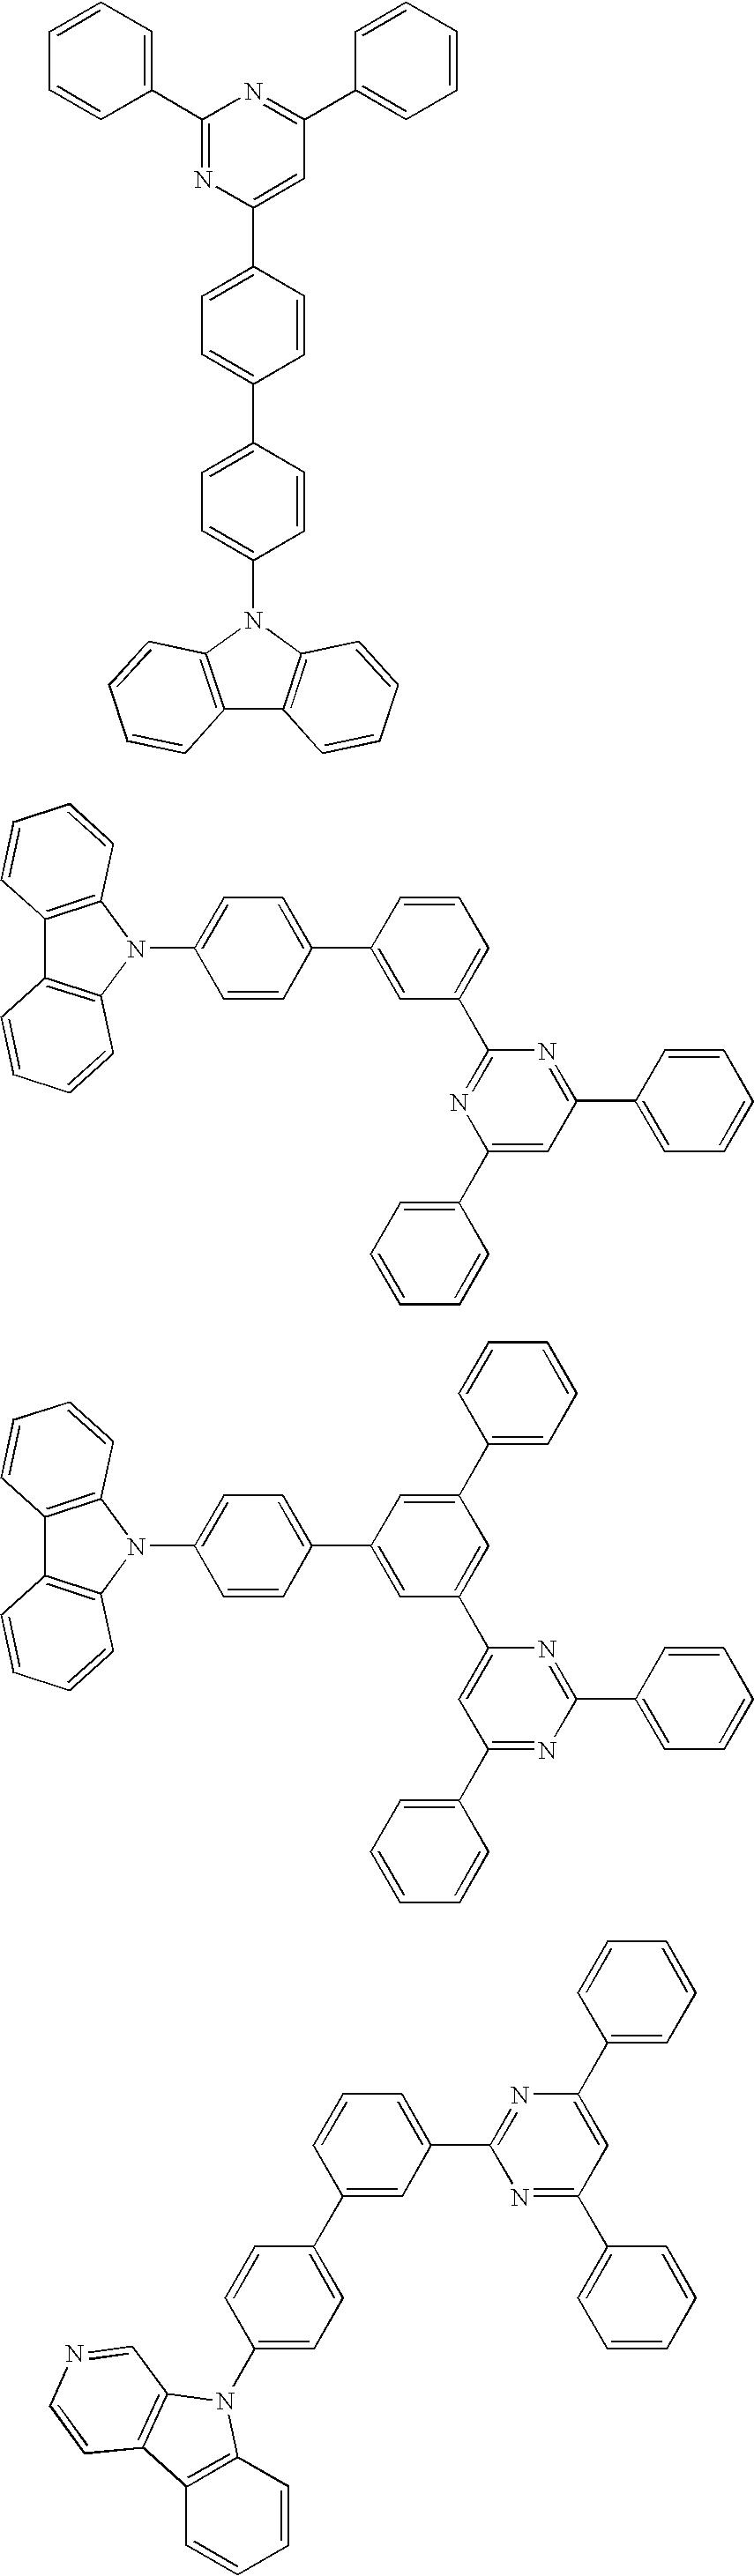 Figure US20070069638A1-20070329-C00017